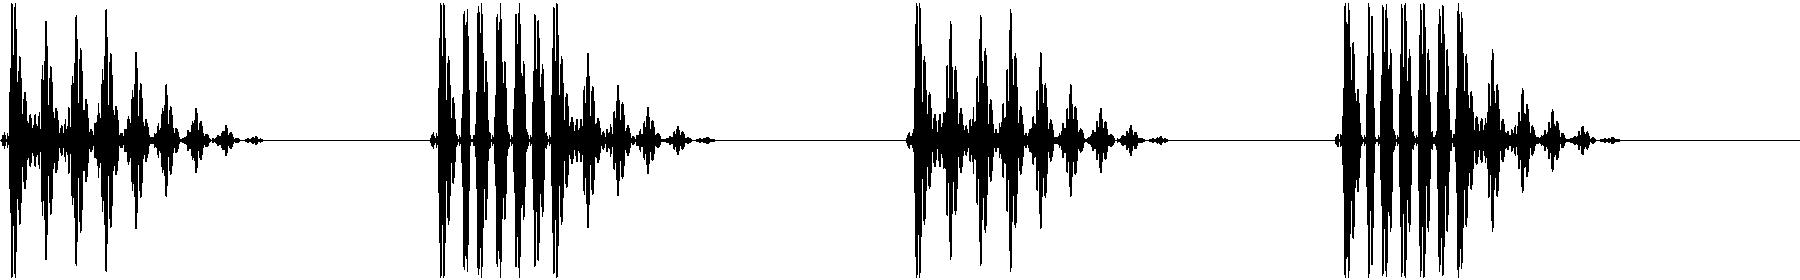 sub bass